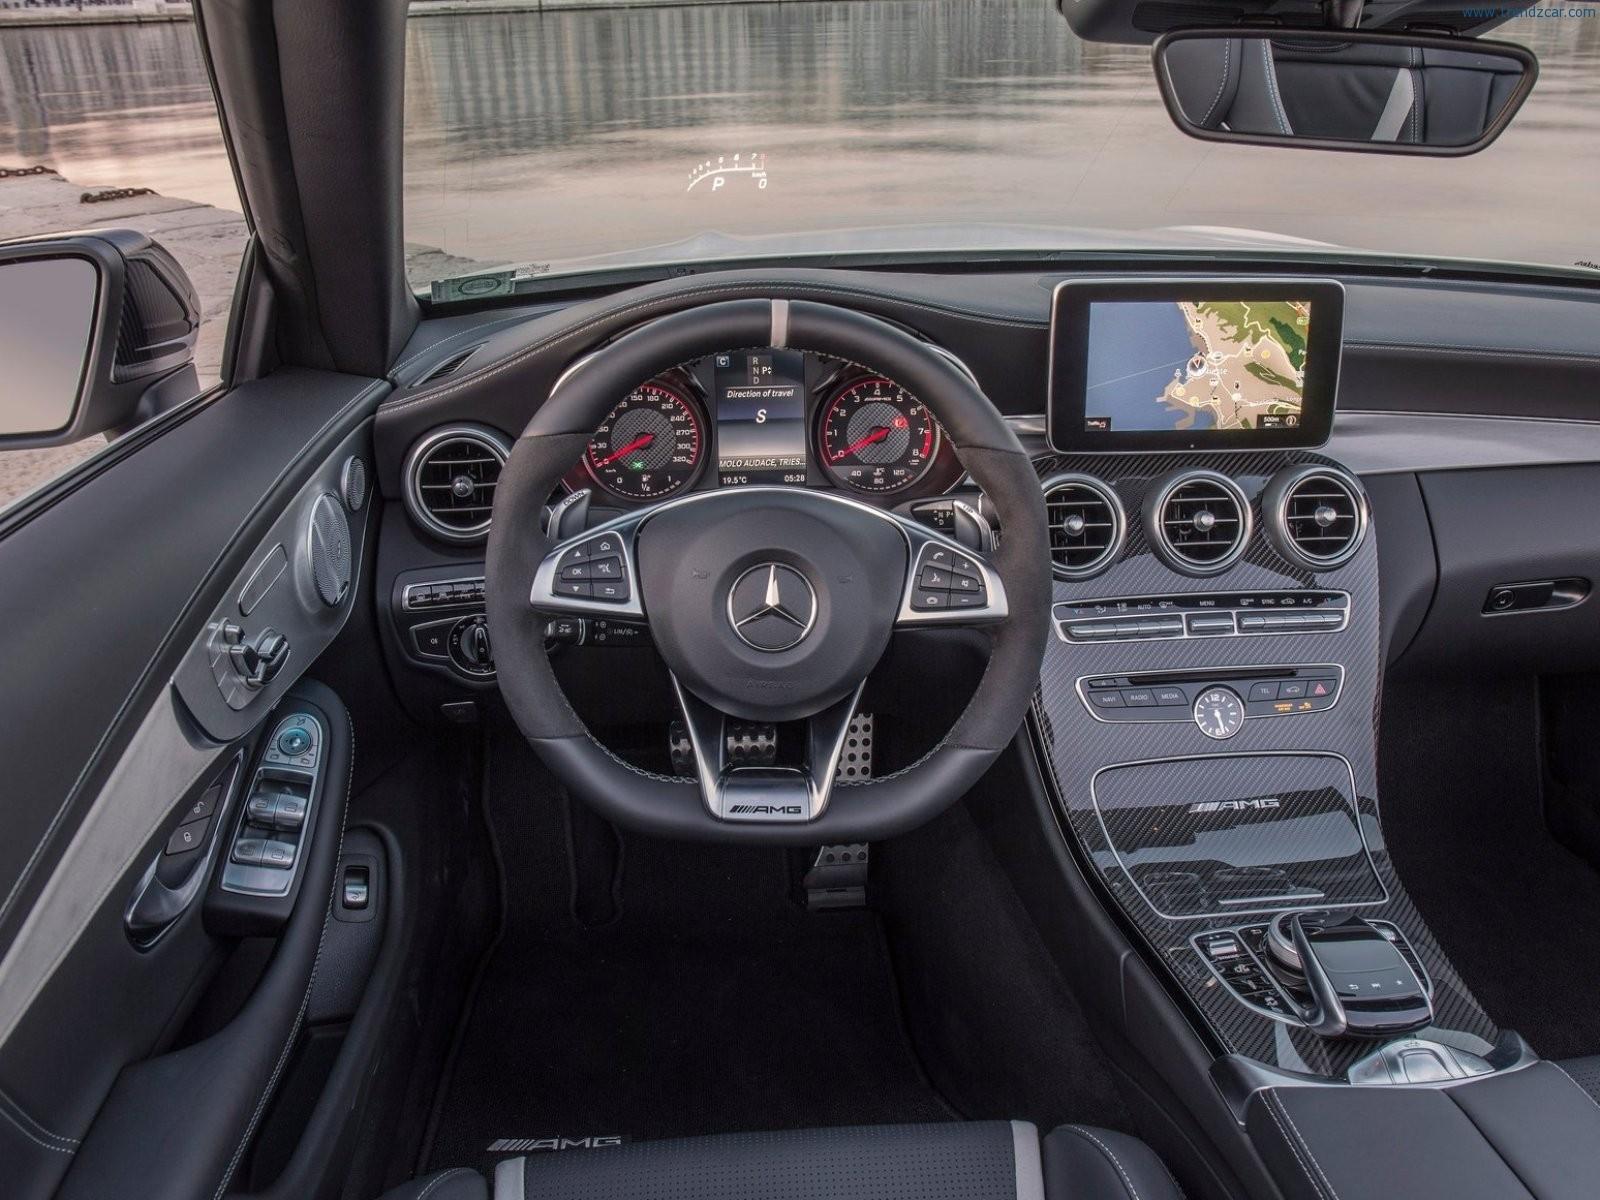 2017 Mercedes Benz C63 Amg Cabriolet Interior 4 Black Exclusive